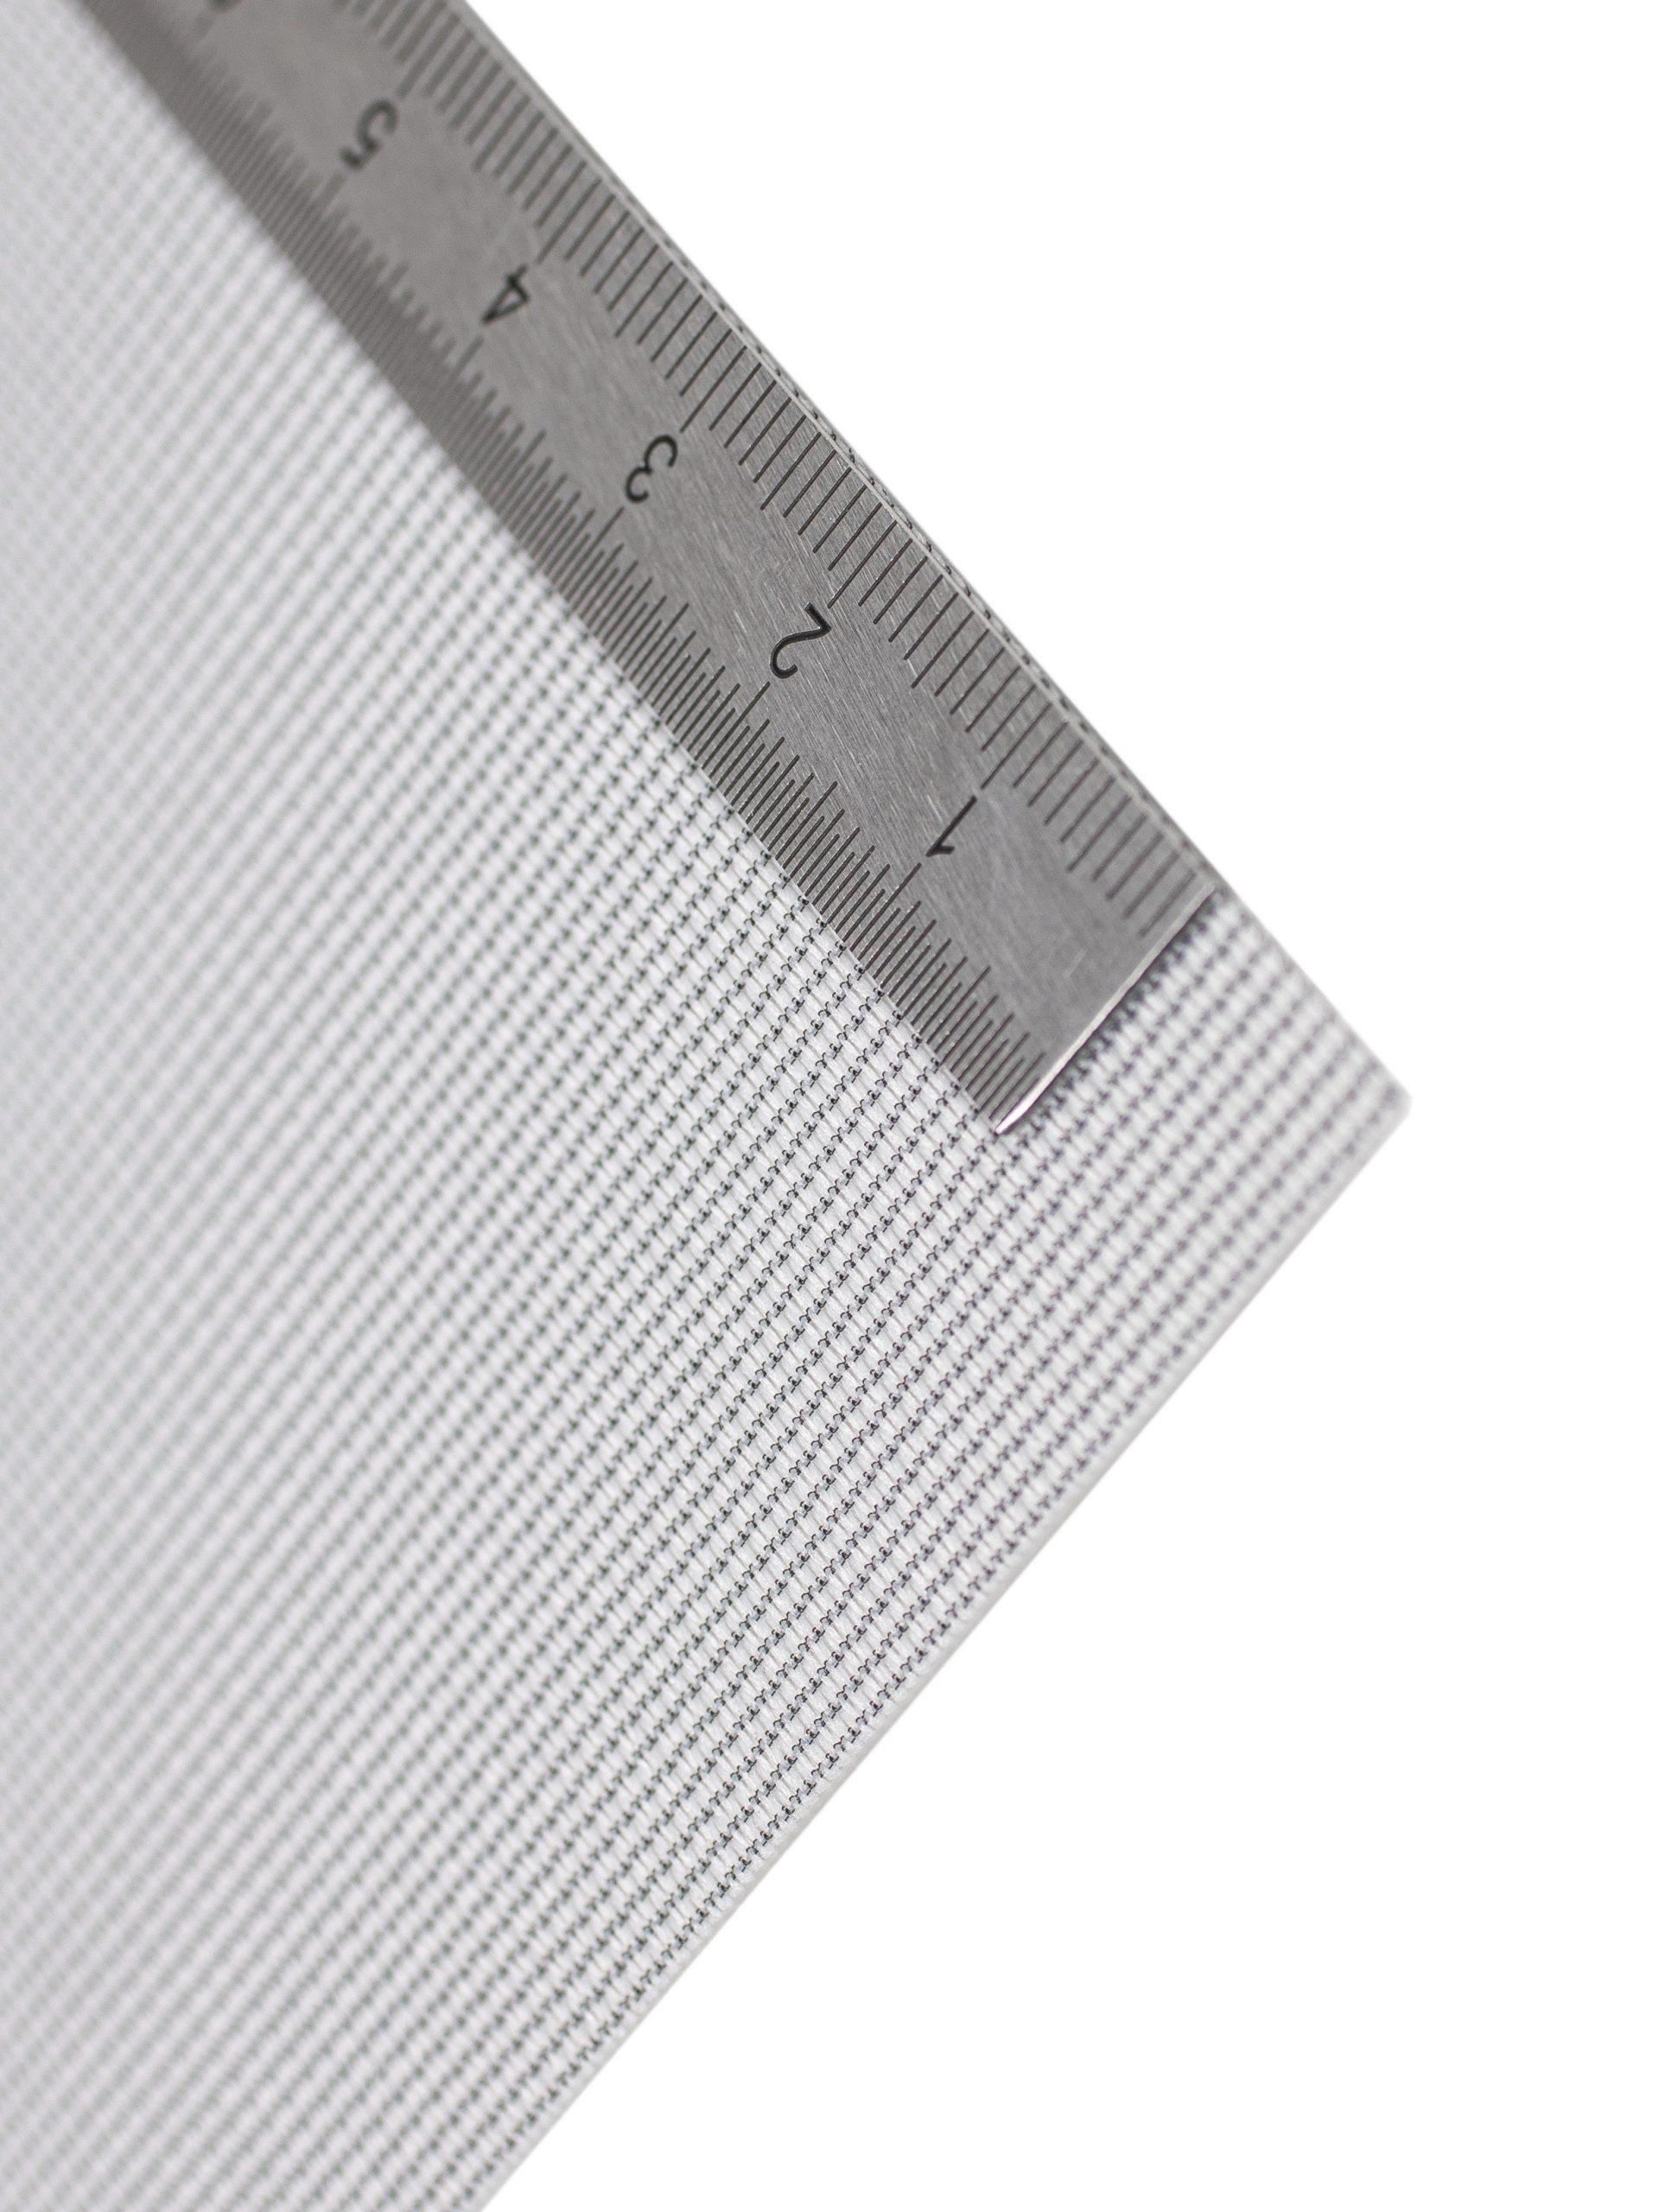 An der Kante des Textil Decolux 2507 liegt ein Maßband